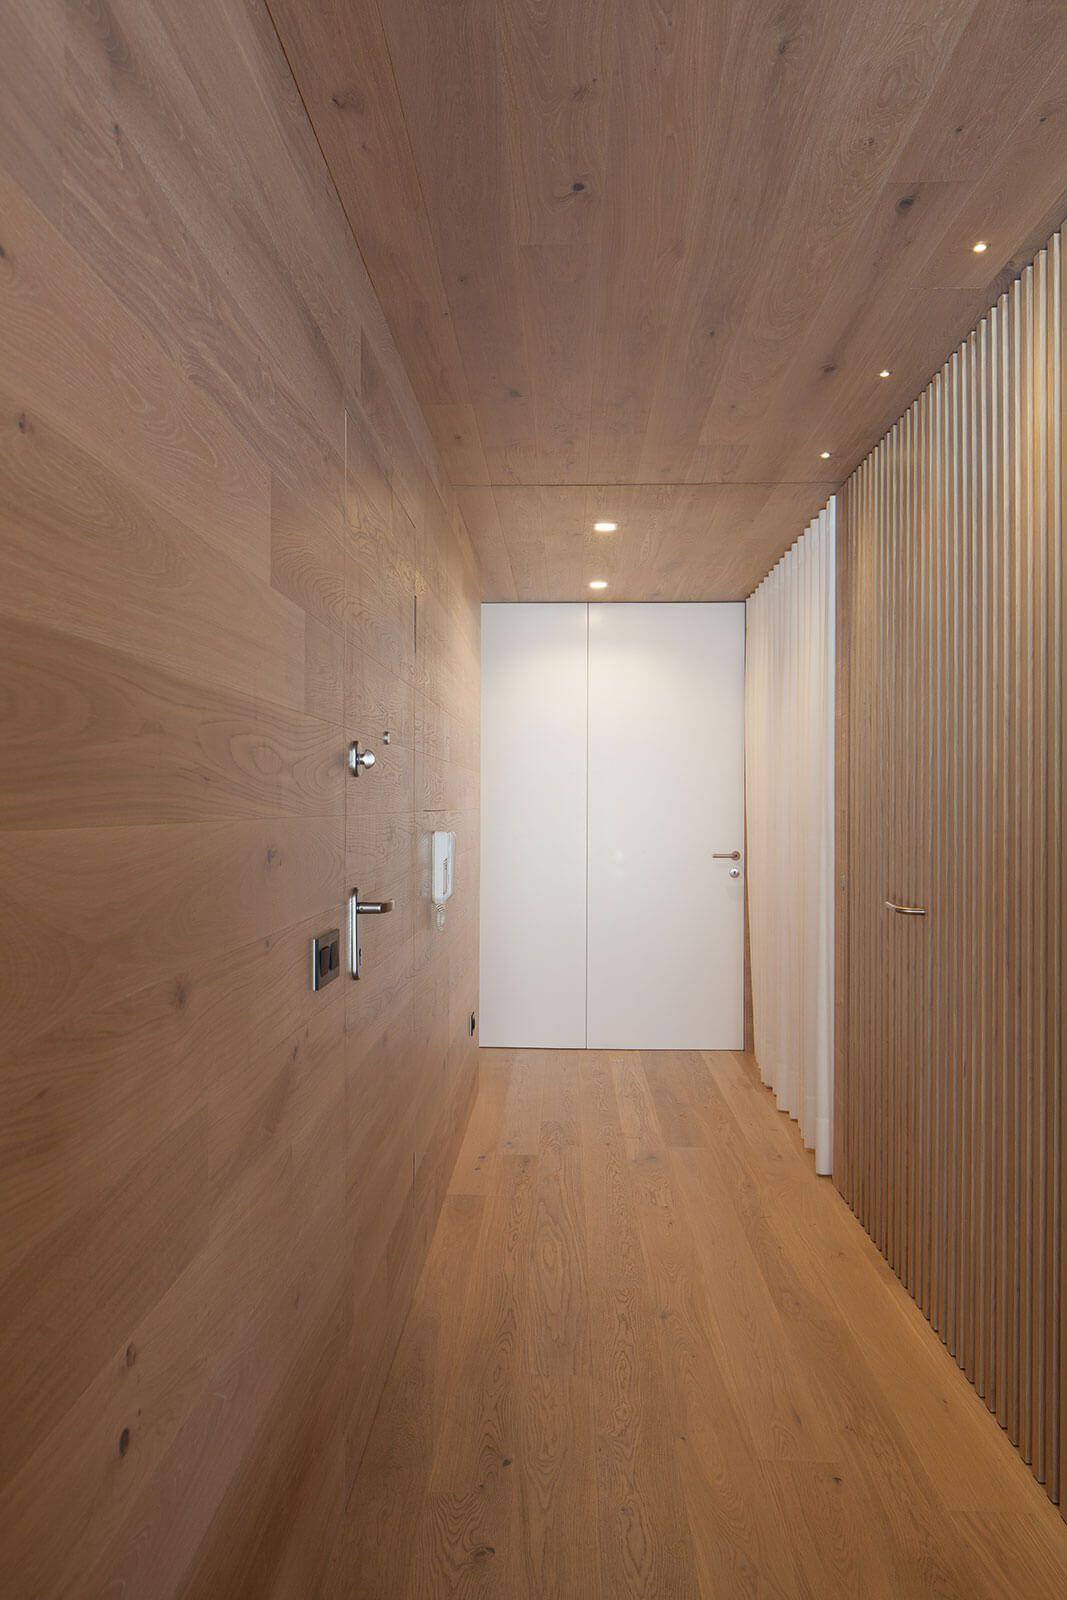 modern interior wooden wall hallway